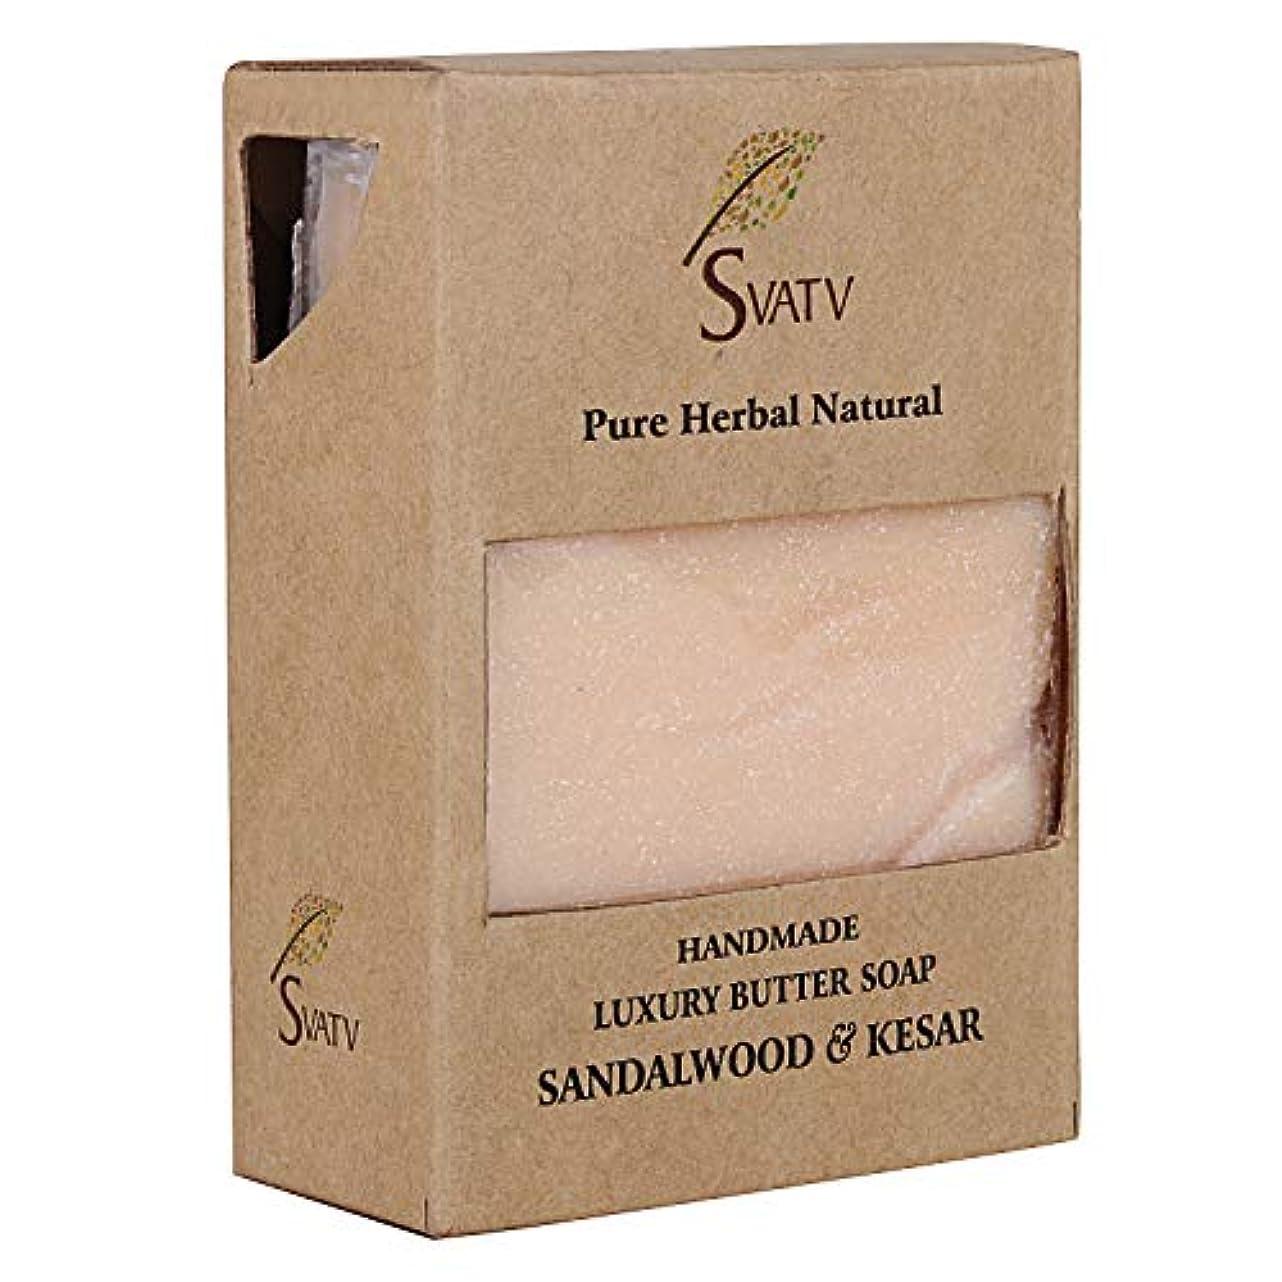 SVATV Handmade Luxury Butter Natural Soap ll Sandalwood & Kesar ll For All Skin types 100g Bar ll Kosher Certified